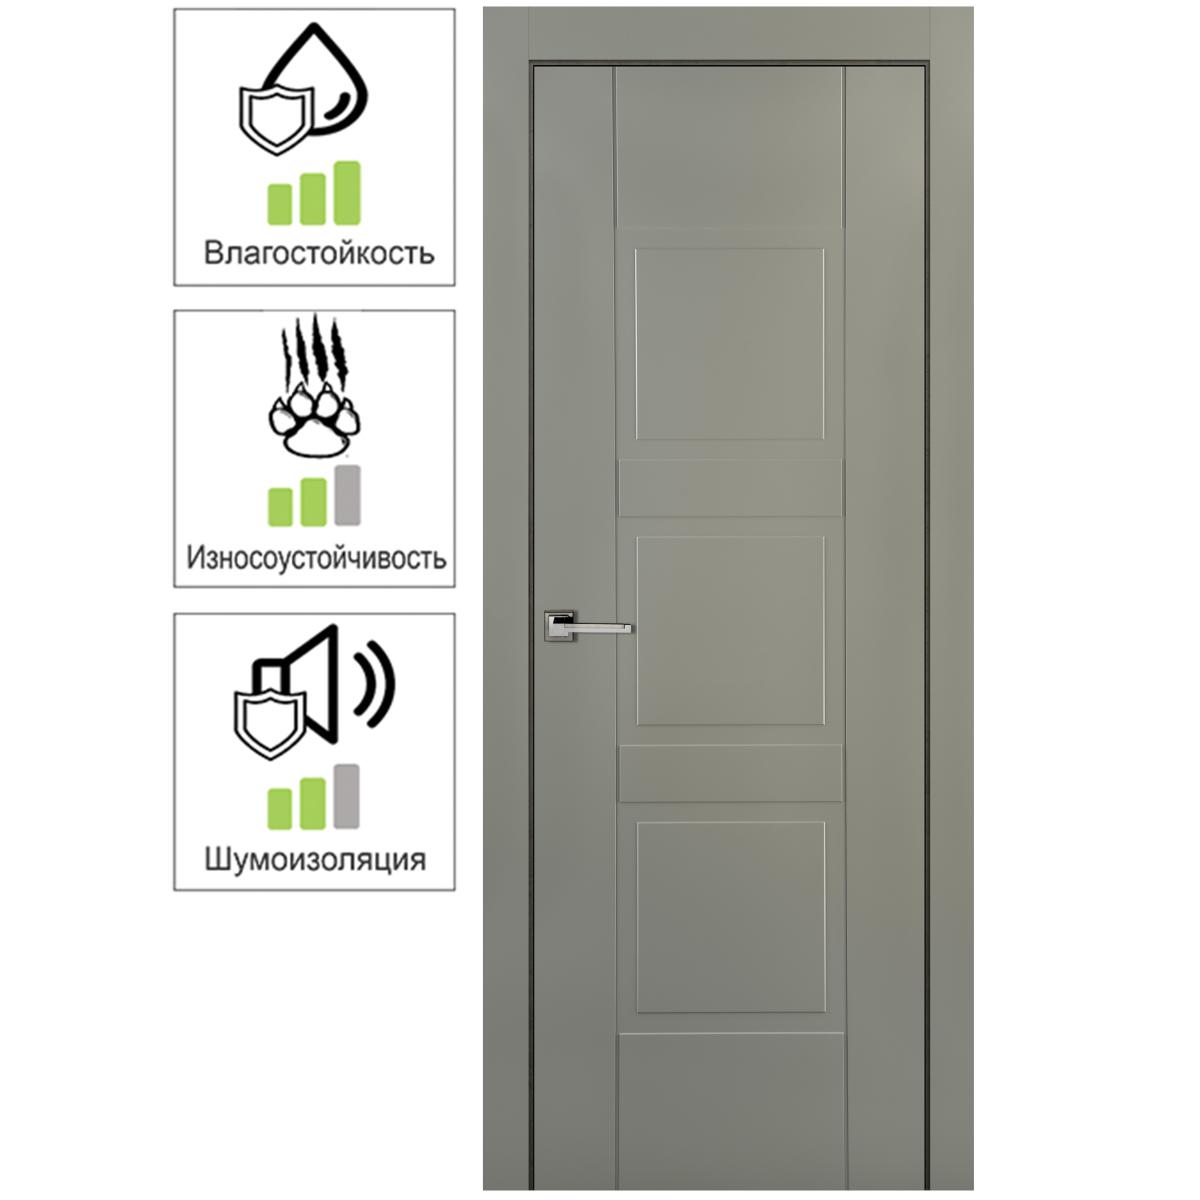 Дверь межкомнатная глухая с замком в комплекте Этна 200x90 см эмаль цвет грей